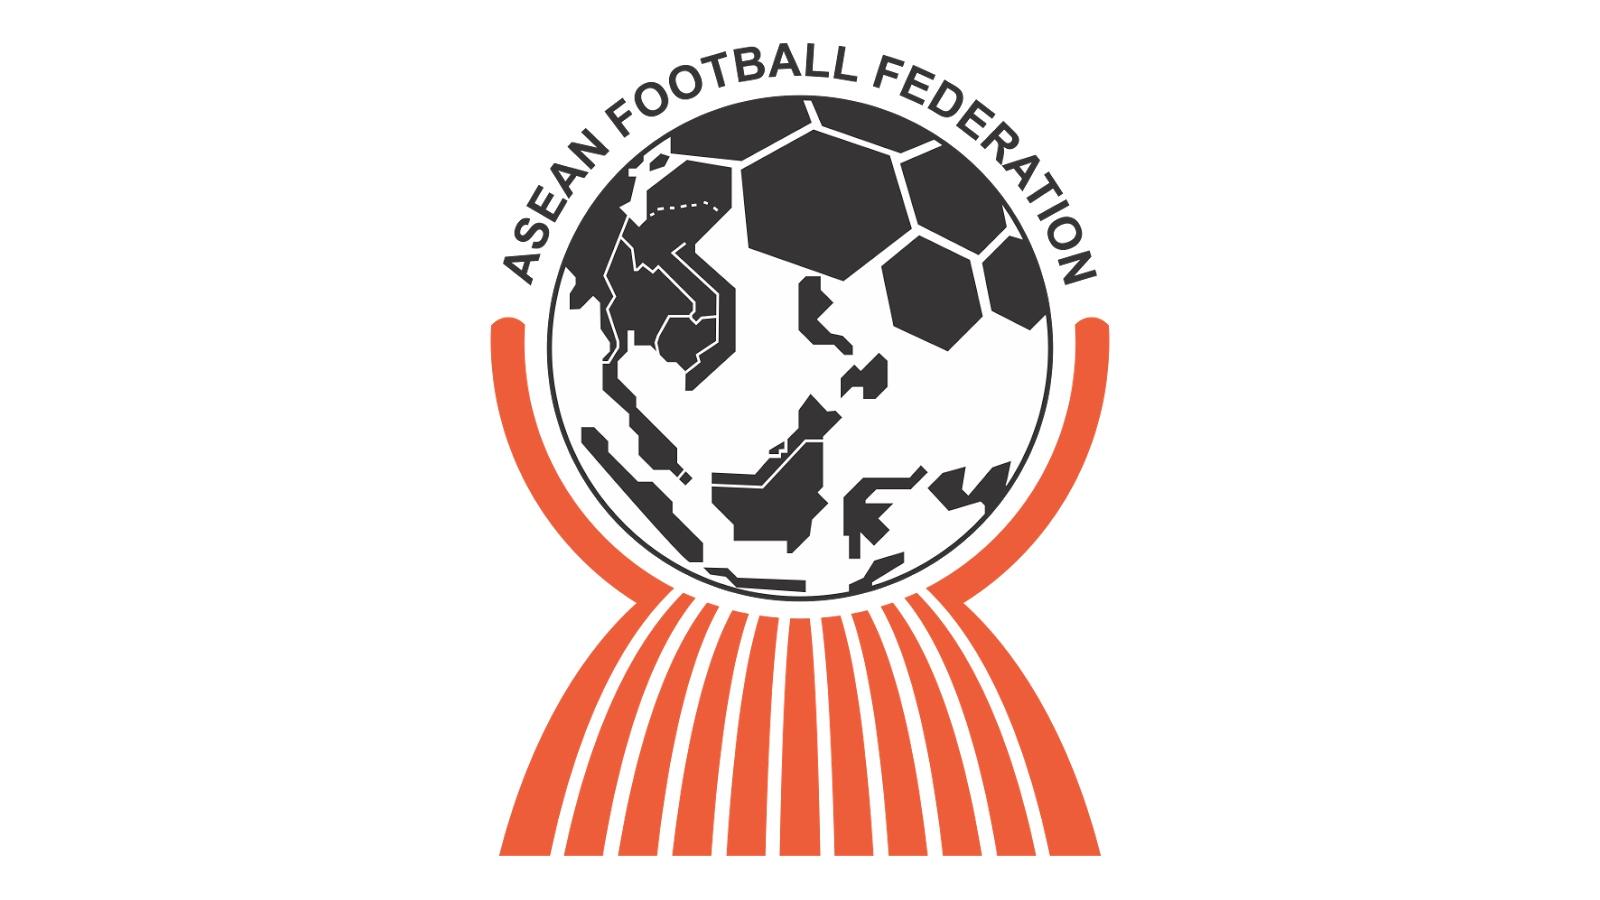 Hoãn toàn bộ các giải bóng đá Đông Nam Á trong năm 2020